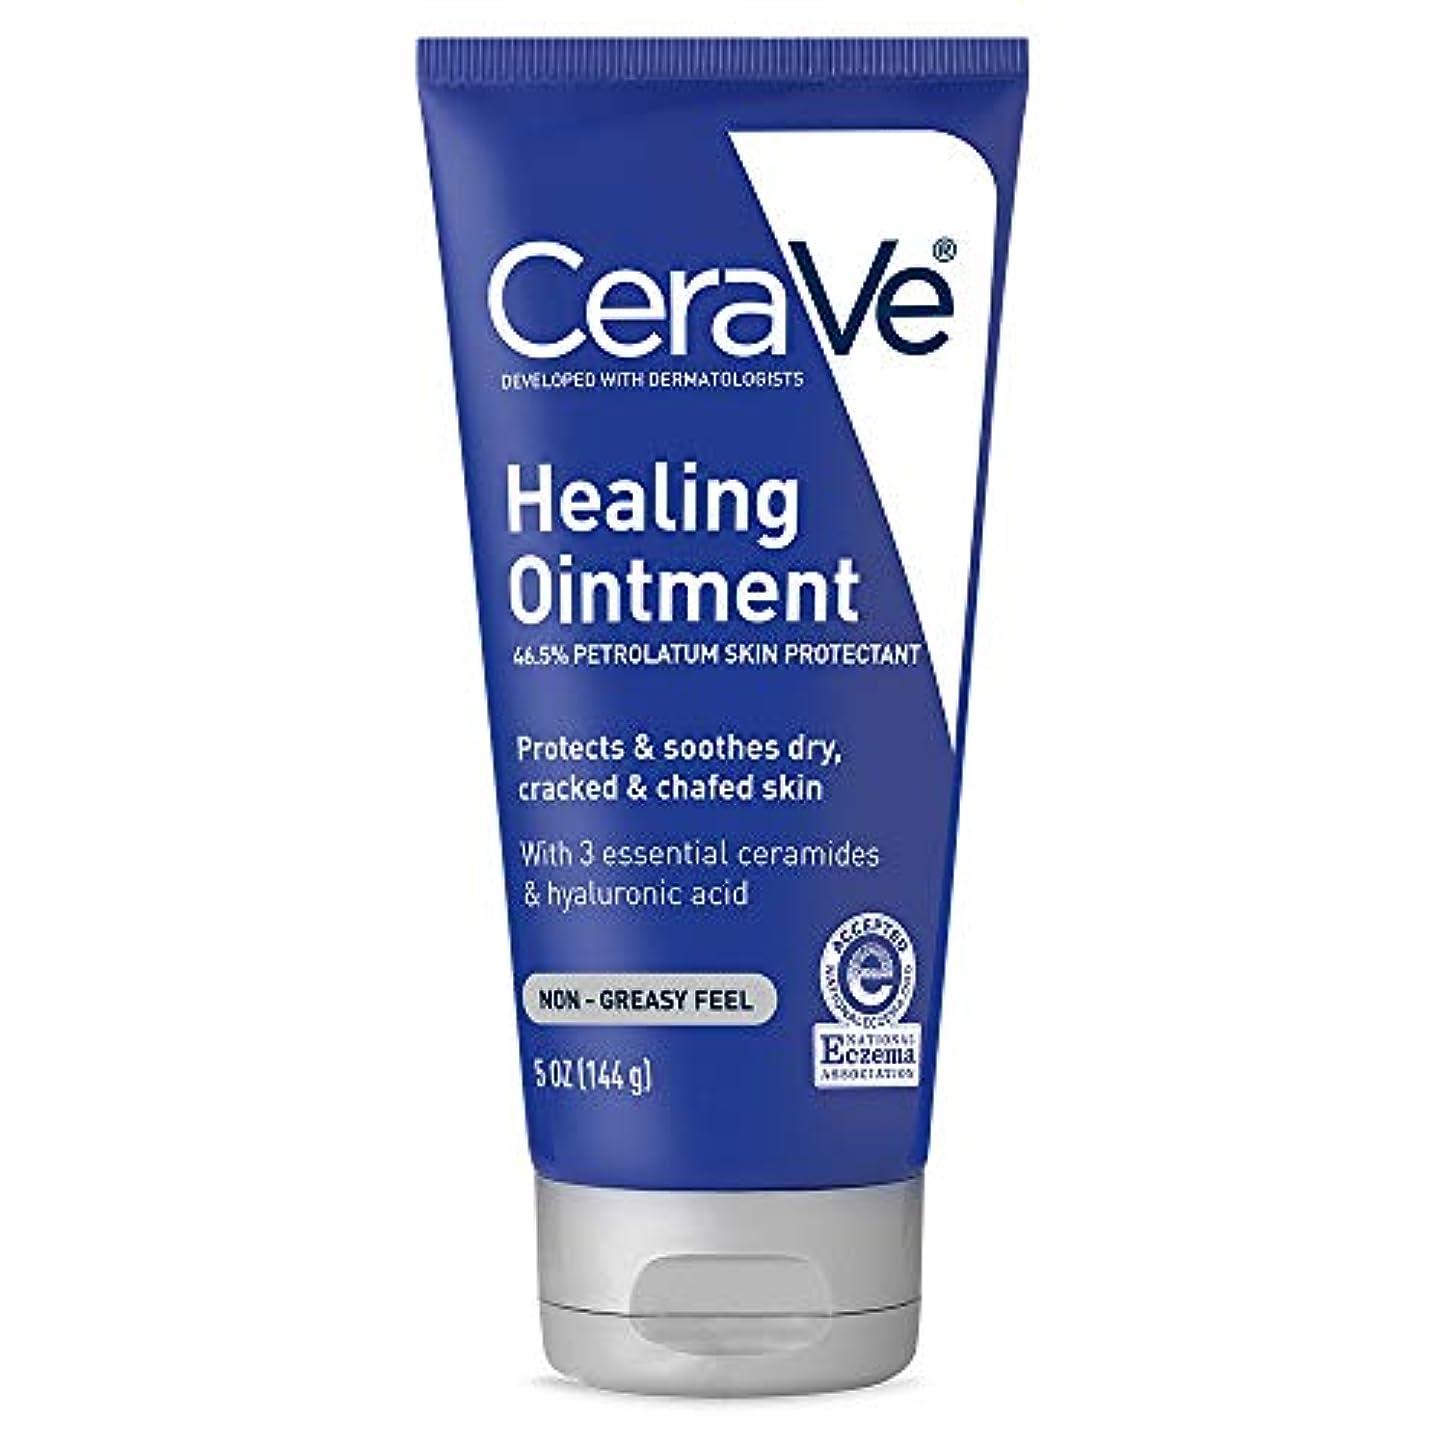 スムーズにボール有益なセラビィ ヒーリングオイントメント 5オンス CeraVe Healing Ointment for Dry and Chafed Skin, Non-Greasy Feel - 5oz